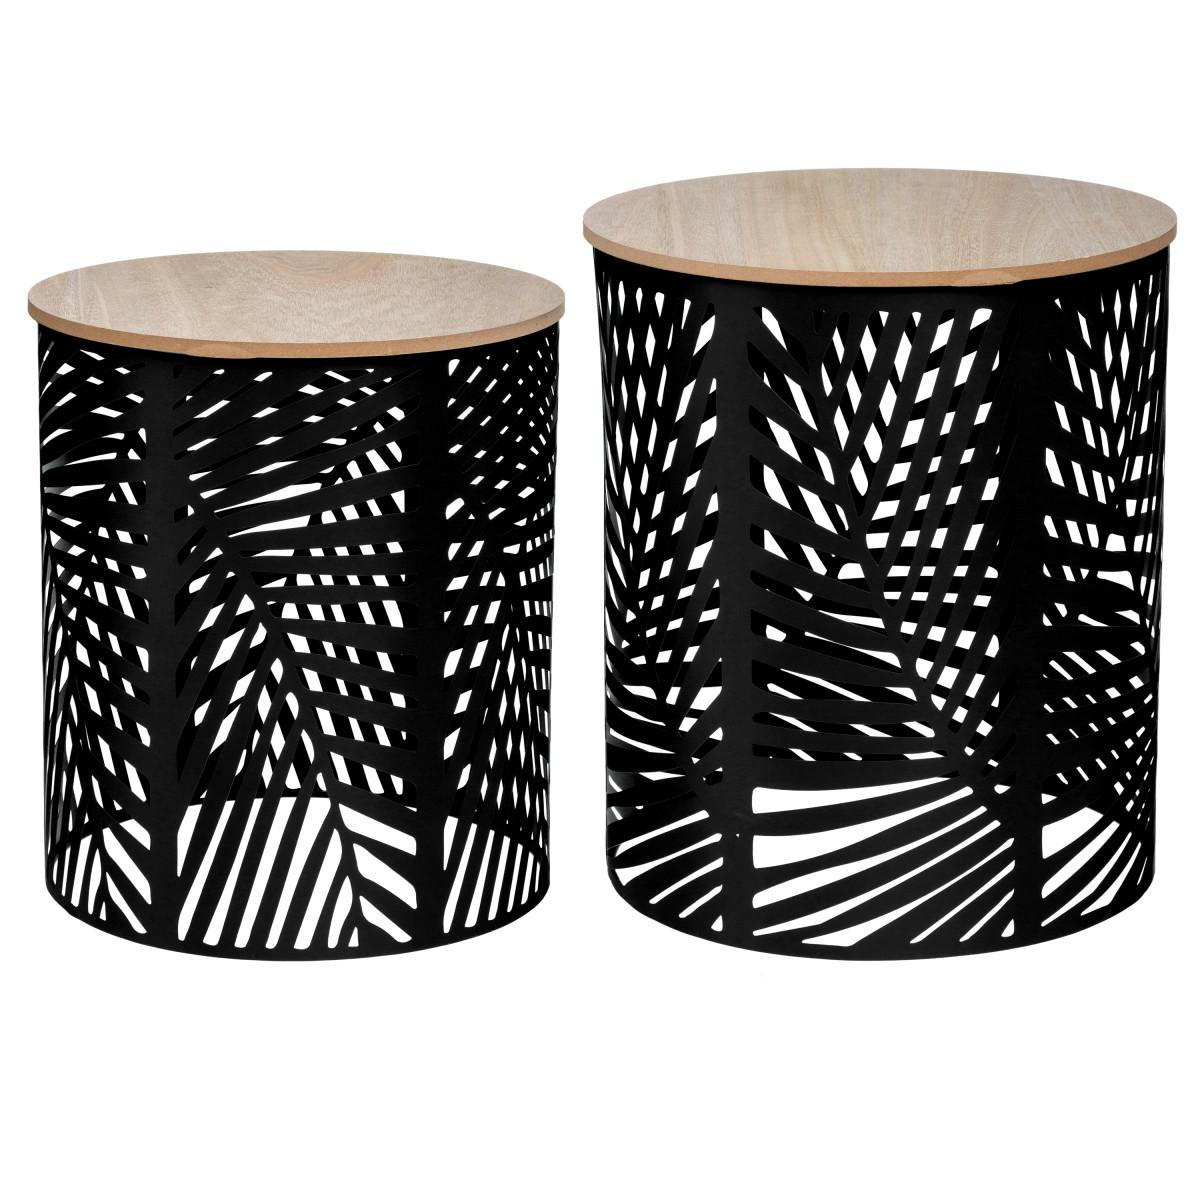 Набор столиков кофейных Atmosphera 157205A ø39 см h40/45 см дерева/металл 2 шт.